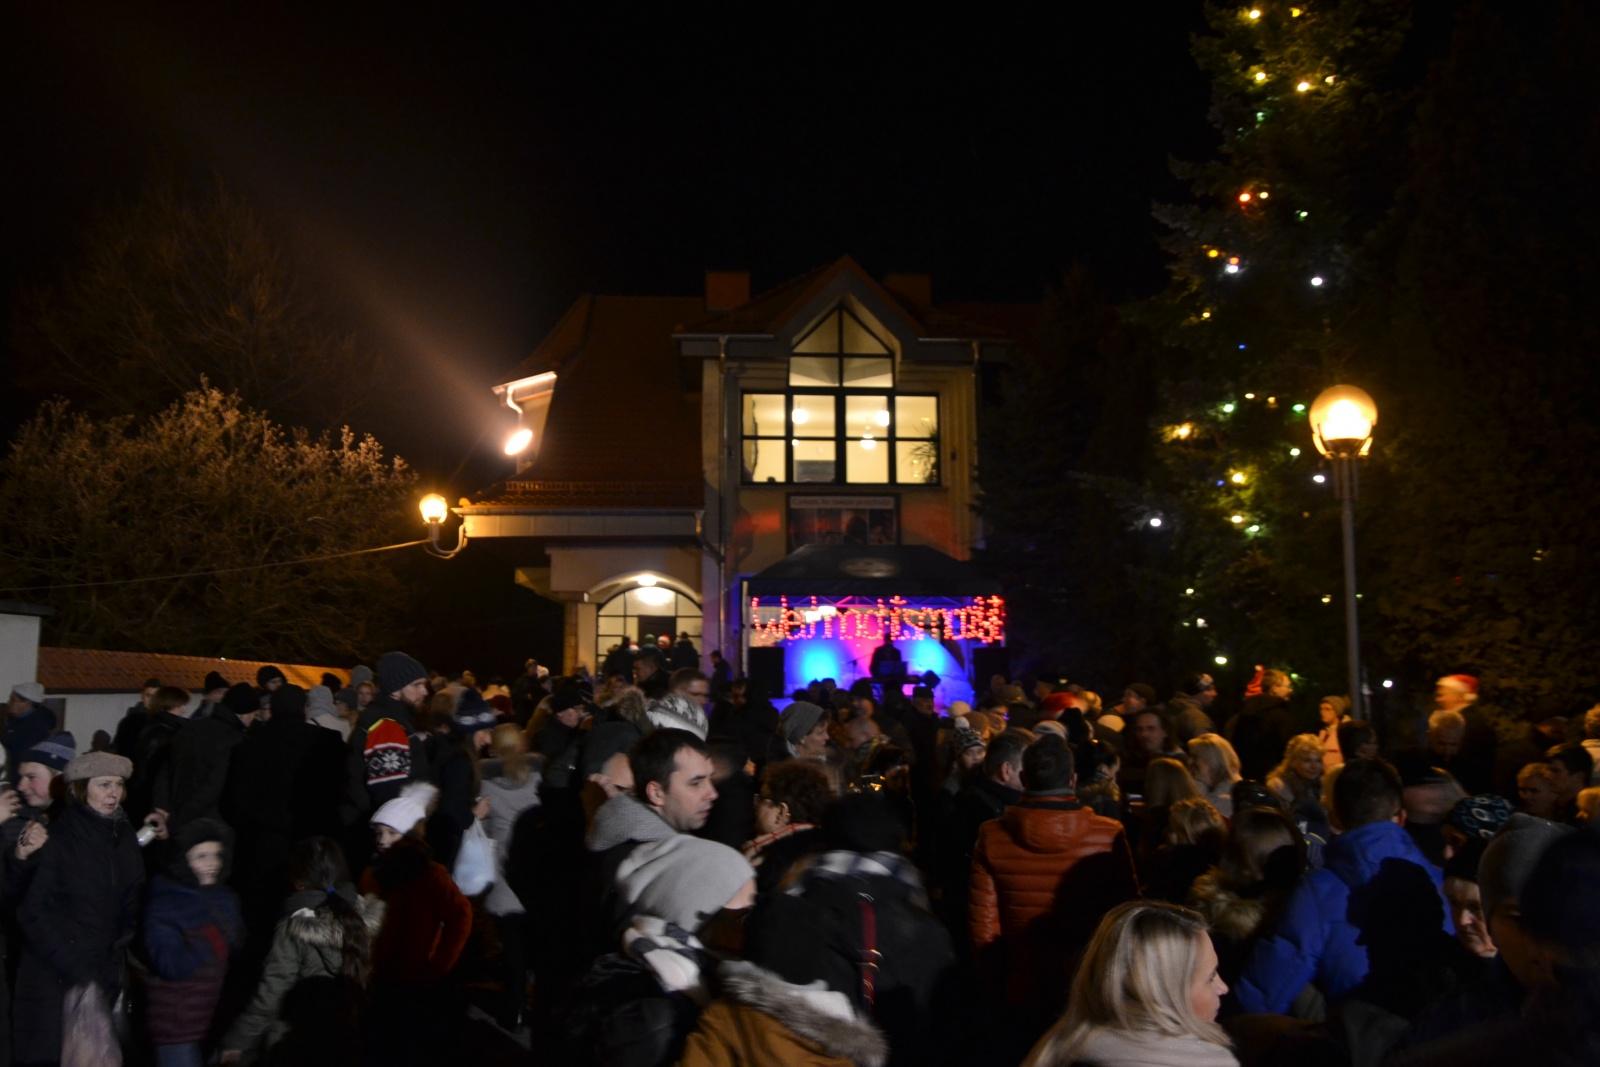 Weihnachtsmarkt W.Weihnachtsmarkt W Tworkowie Gmina Krzyżanowice Serwis Oficjalny